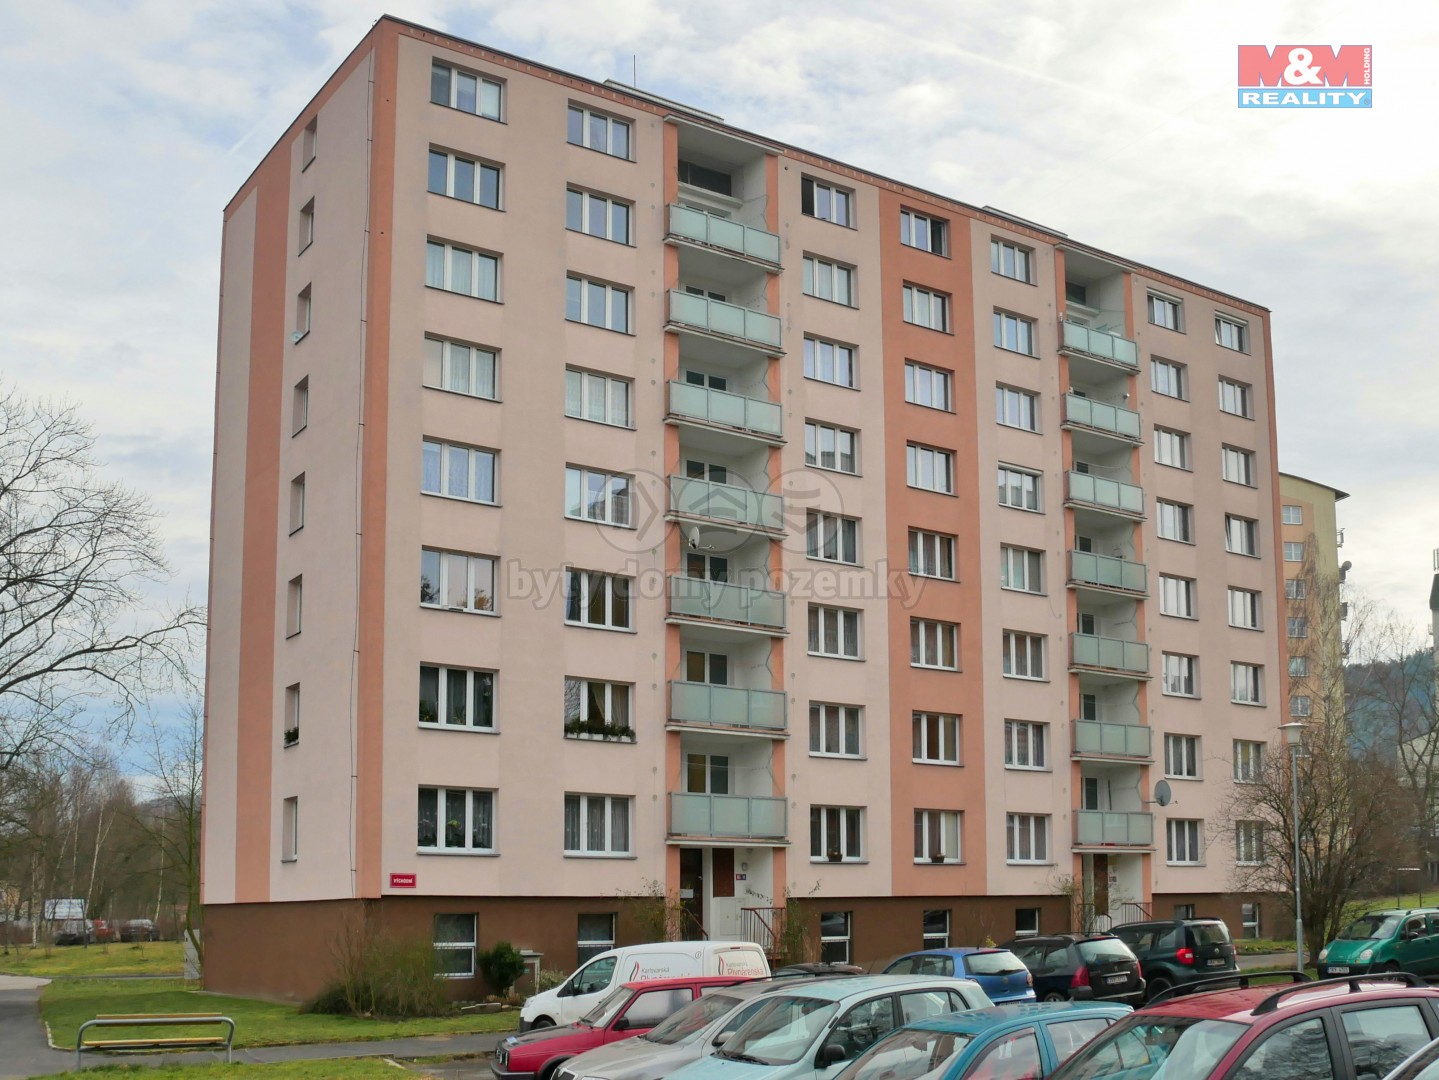 Prodej, byt 3+1, OV, 68 m2, Karlovy Vary, ul. Východní